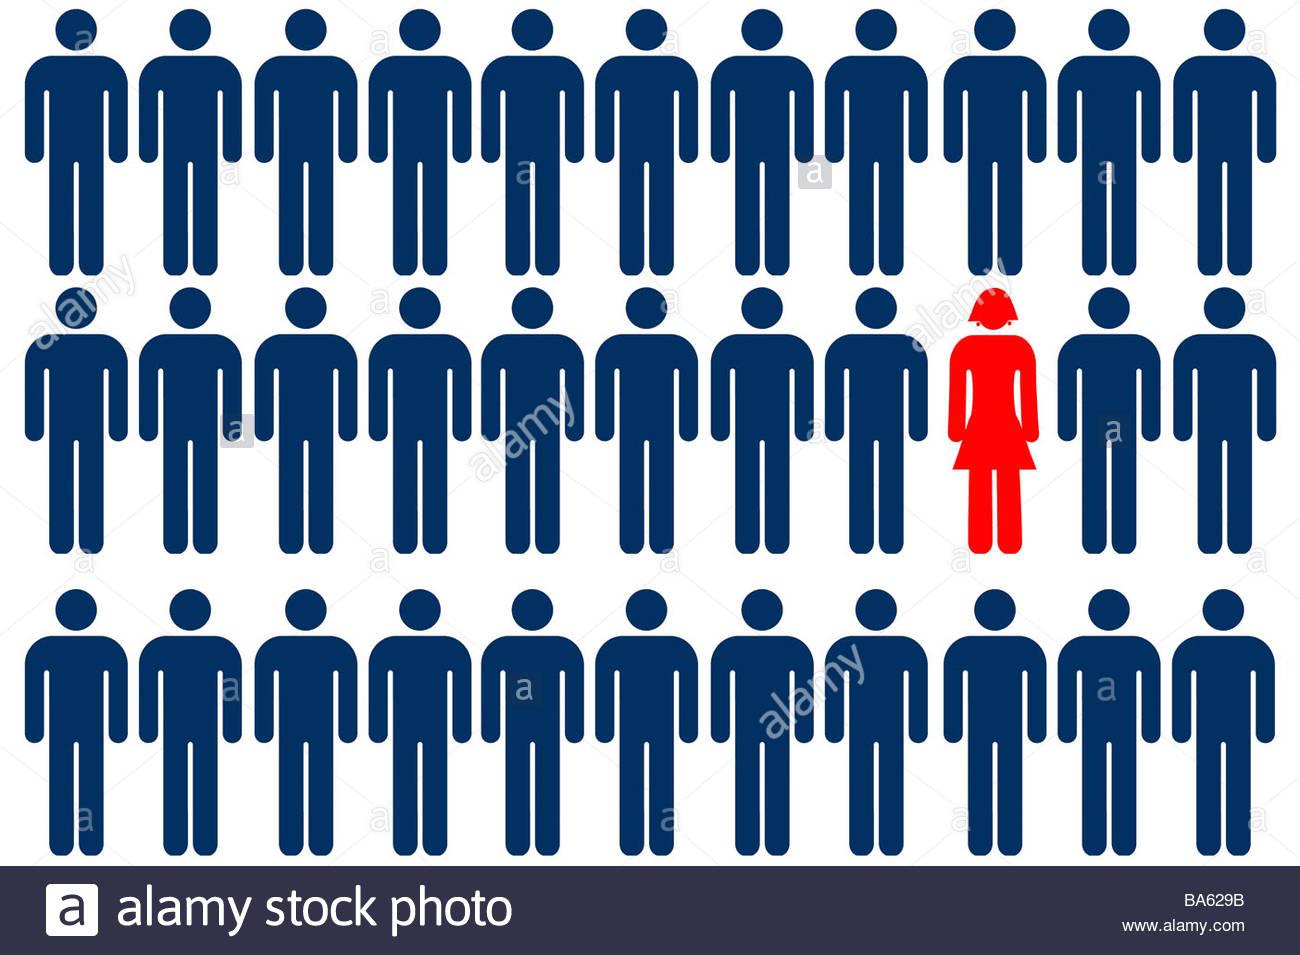 Unica persona femmina simbolo tra gruppo di persona maschile simboli Immagini Stock